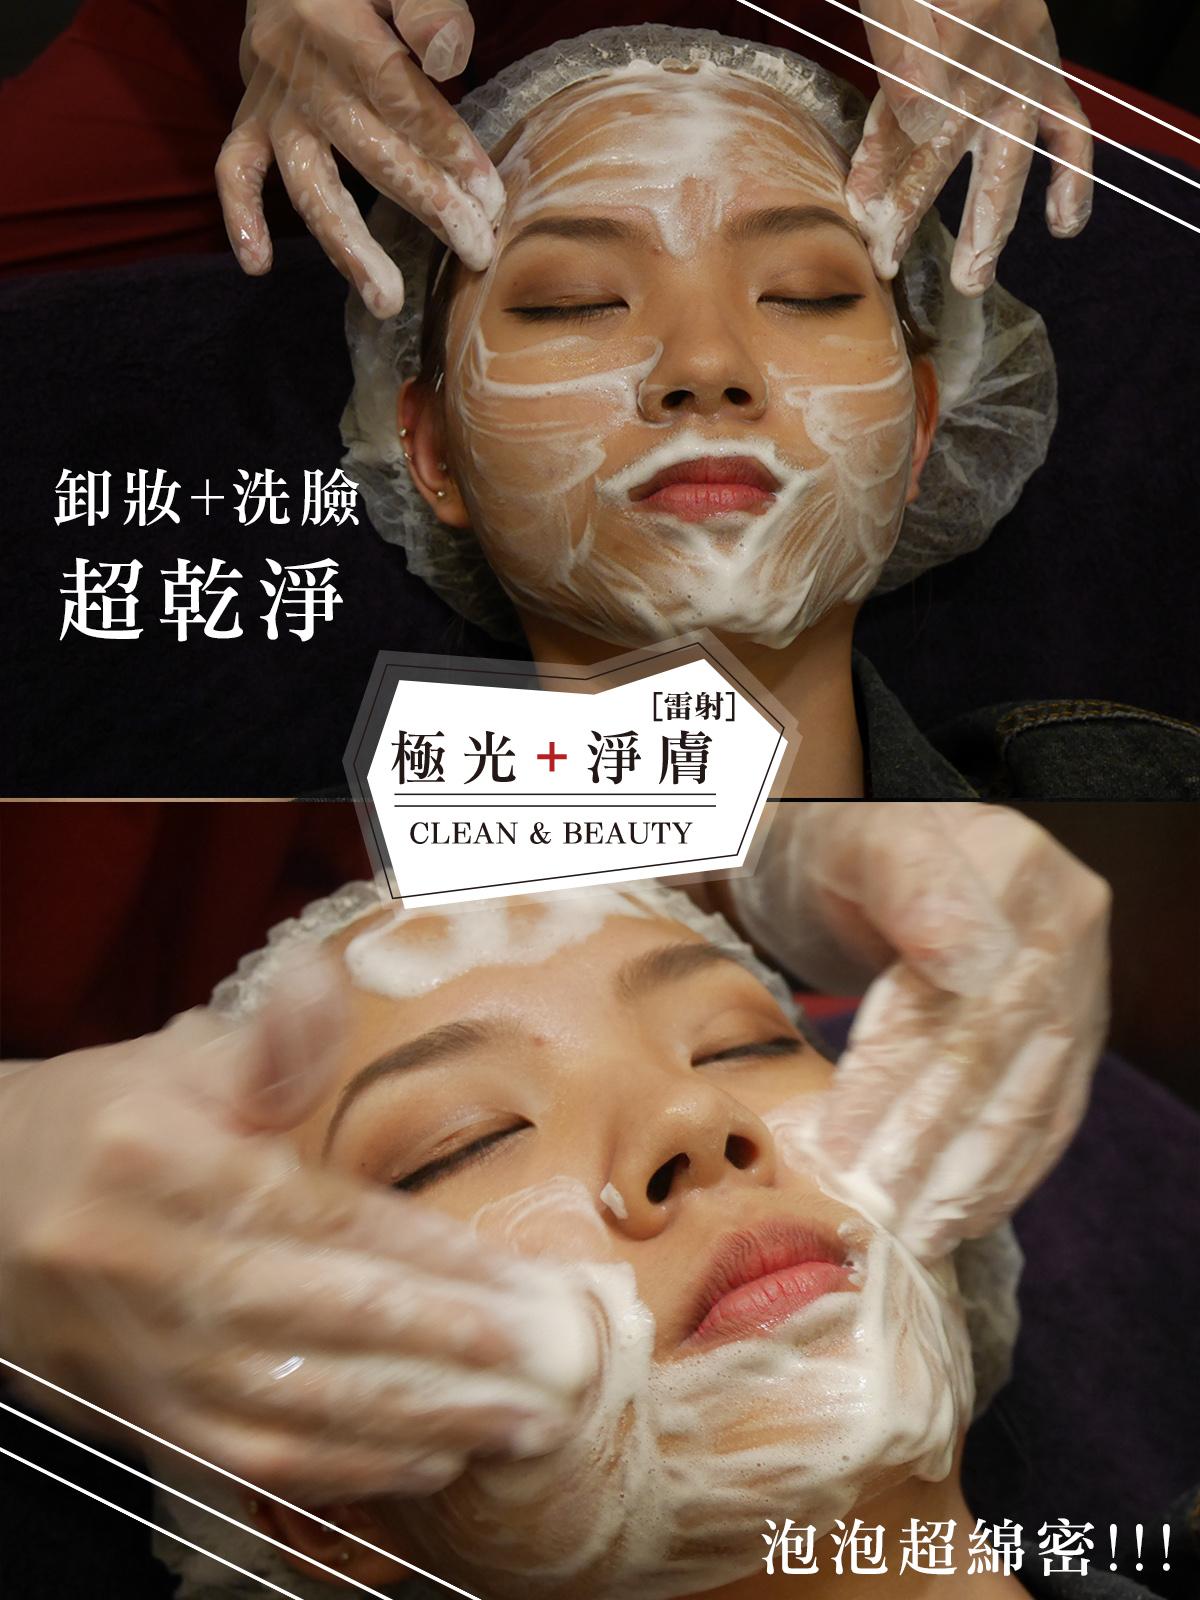 洗臉1.jpg